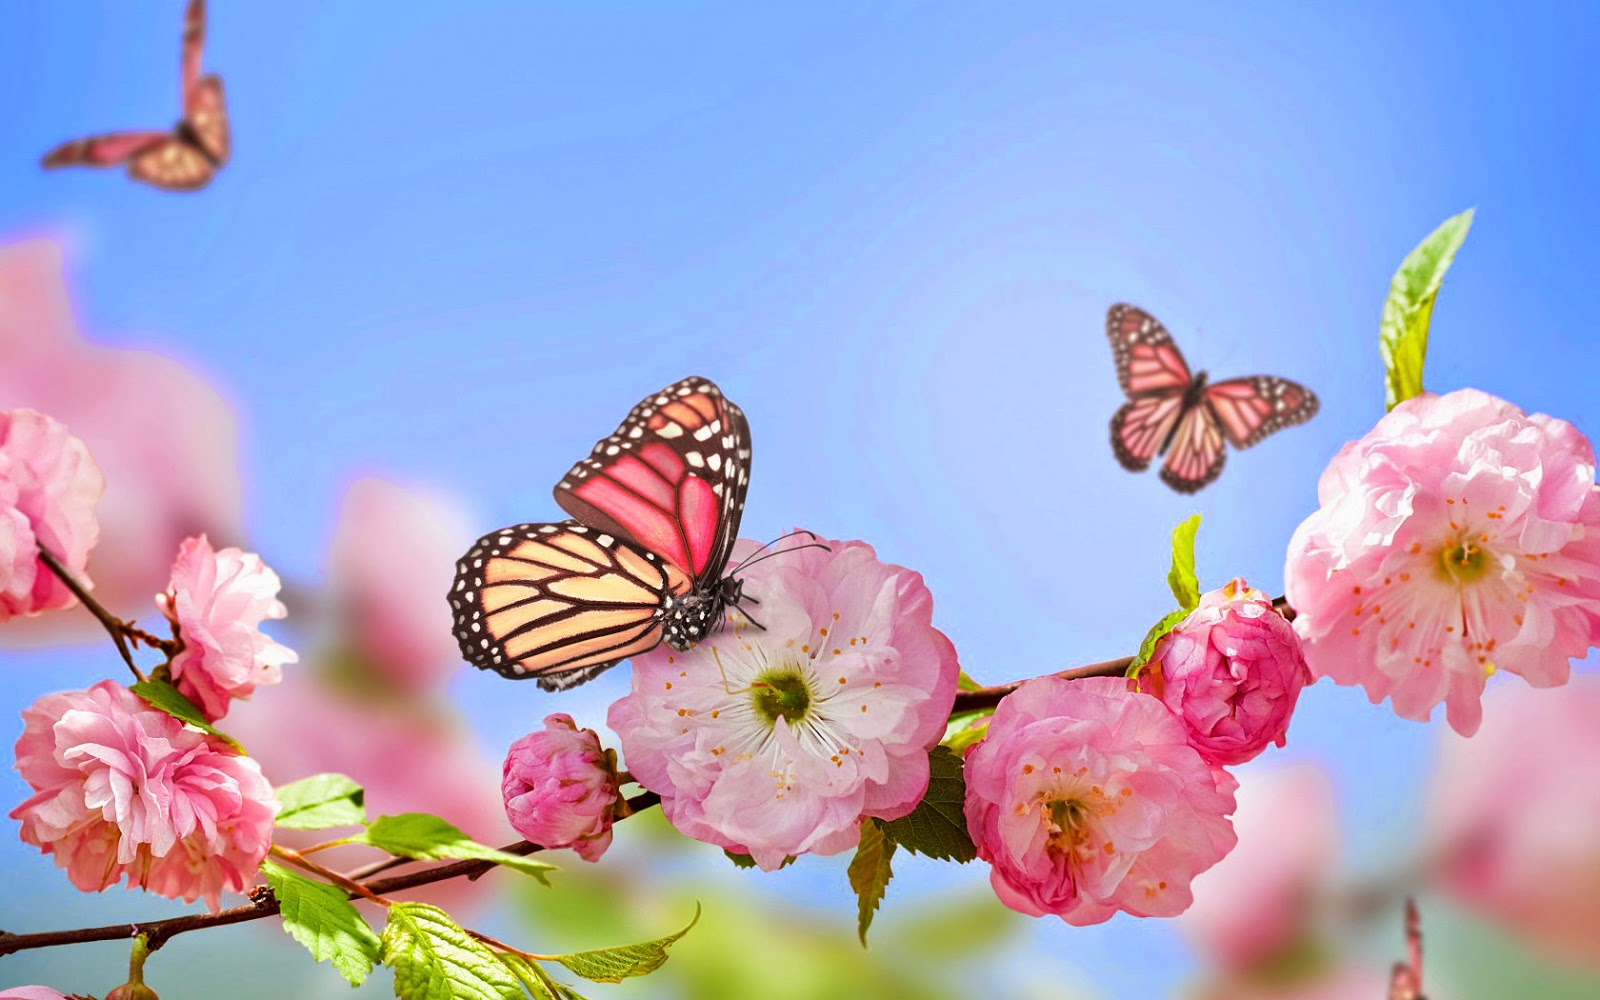 Fruhling Schmetterlinge Und Blumen | Hd Hintergrundbilder über Hintergrundbilder Blumen Und Schmetterlinge